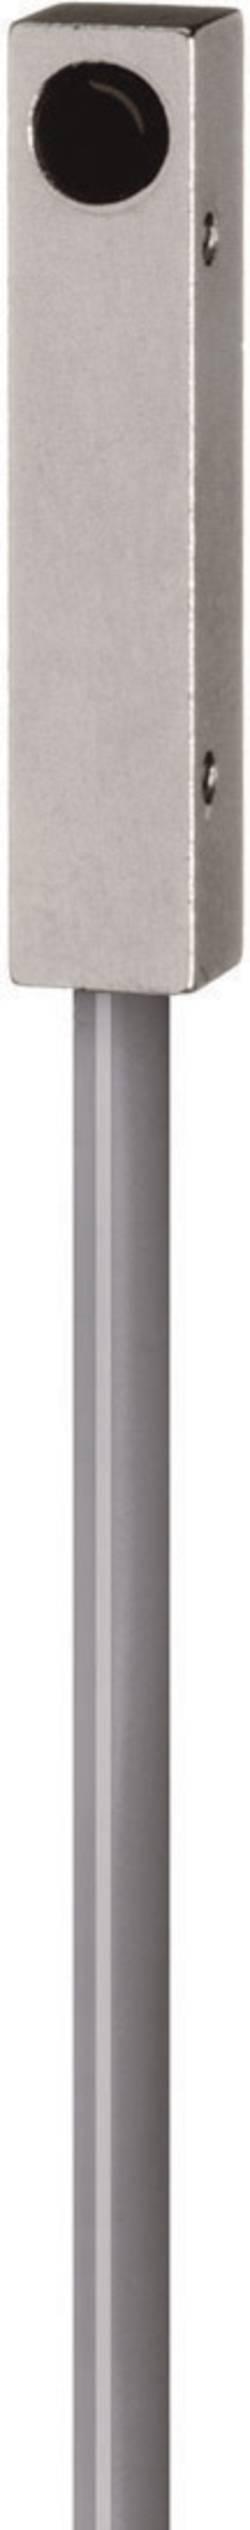 Détecteur de proximité inductif Contrinex DW-AD-623-C5 220 320 023 5 x 5 mm affleurant PNP 1 pc(s)